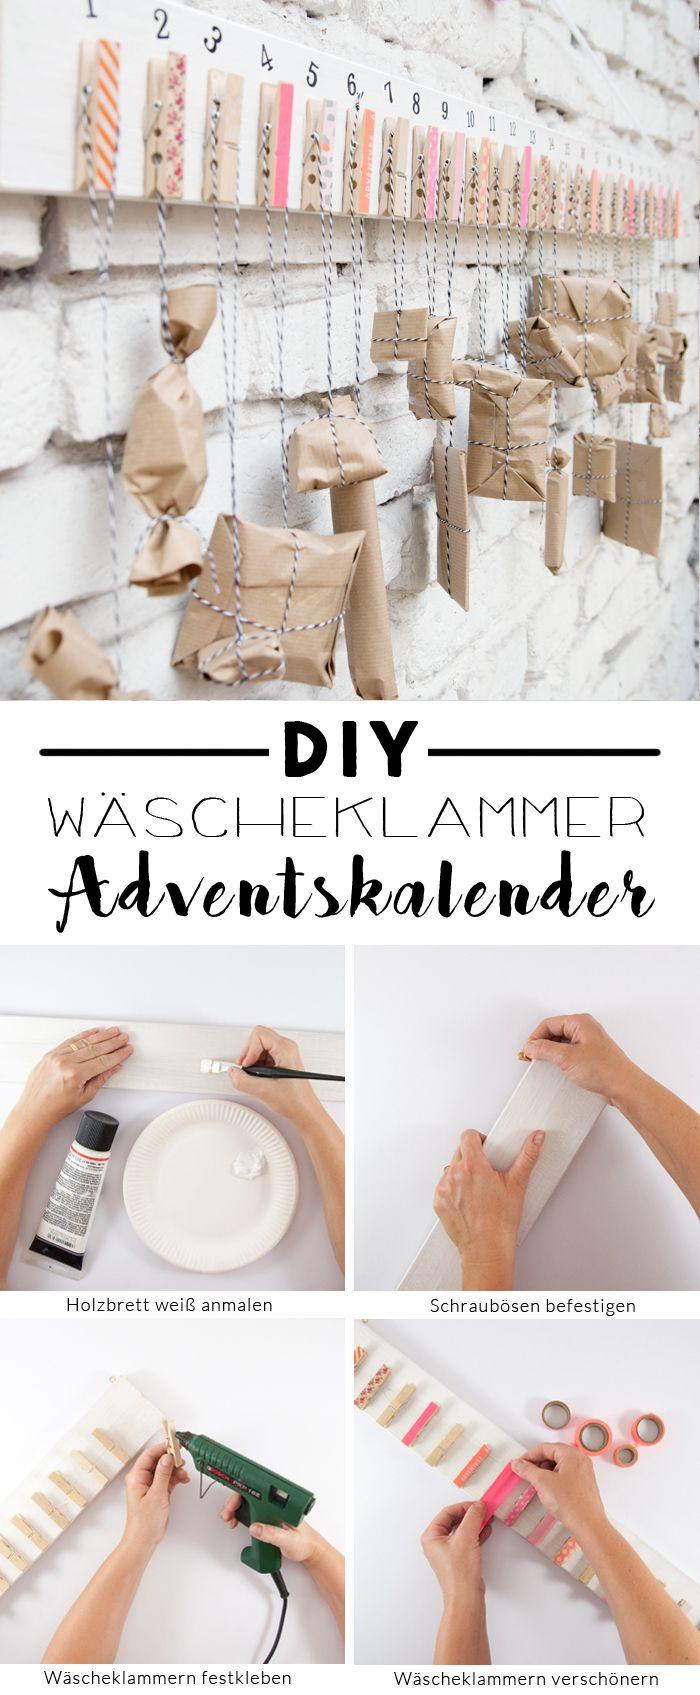 Einfacher Diy Adventskalender Mit Wäscheklammern bei Einfacher Adventskalender Basteln